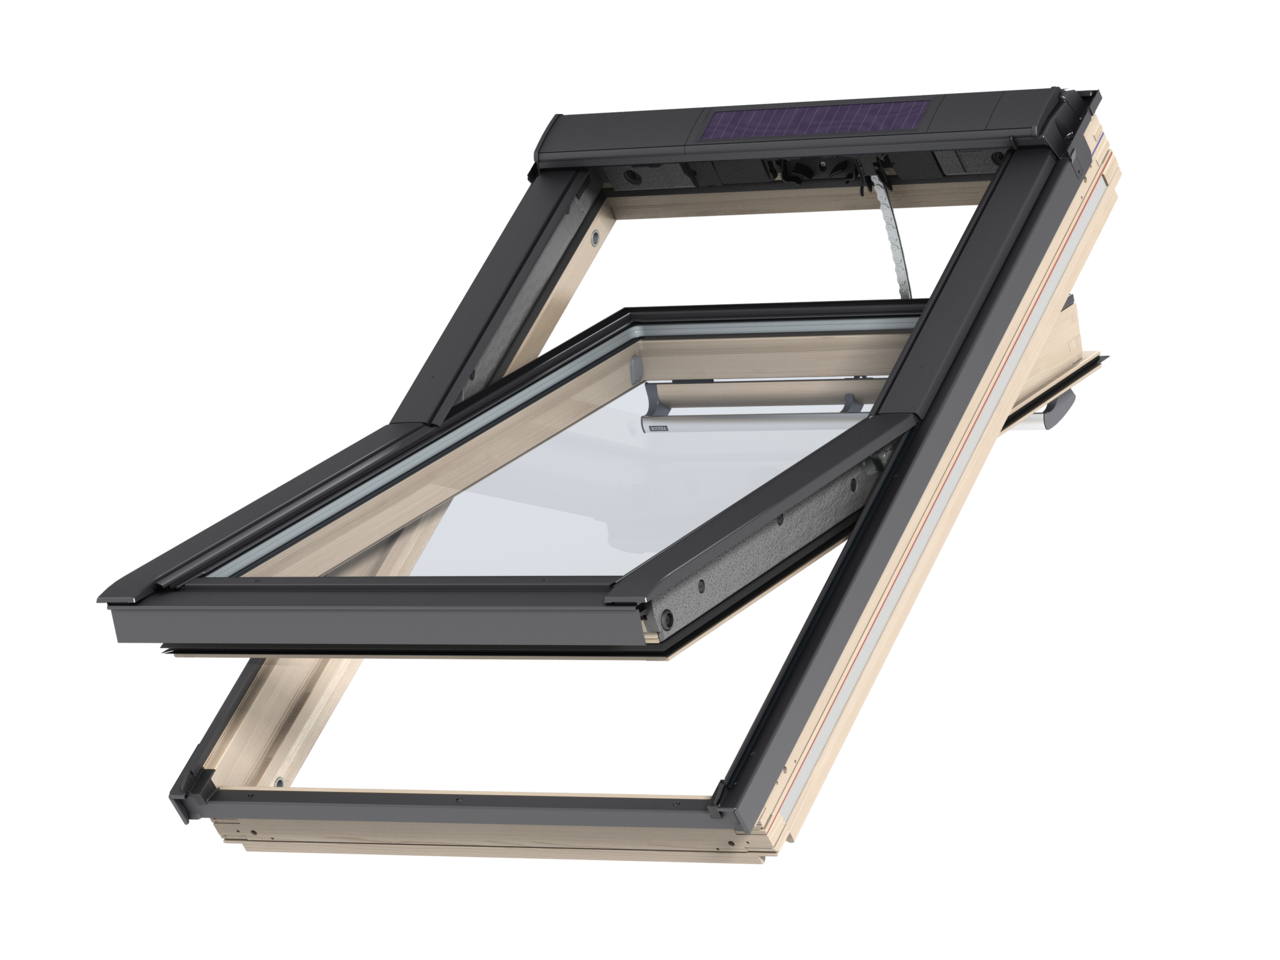 VELUX Elektricky ovládané okno GGL 306630 Solar rozměr: MK08 78x140 cm